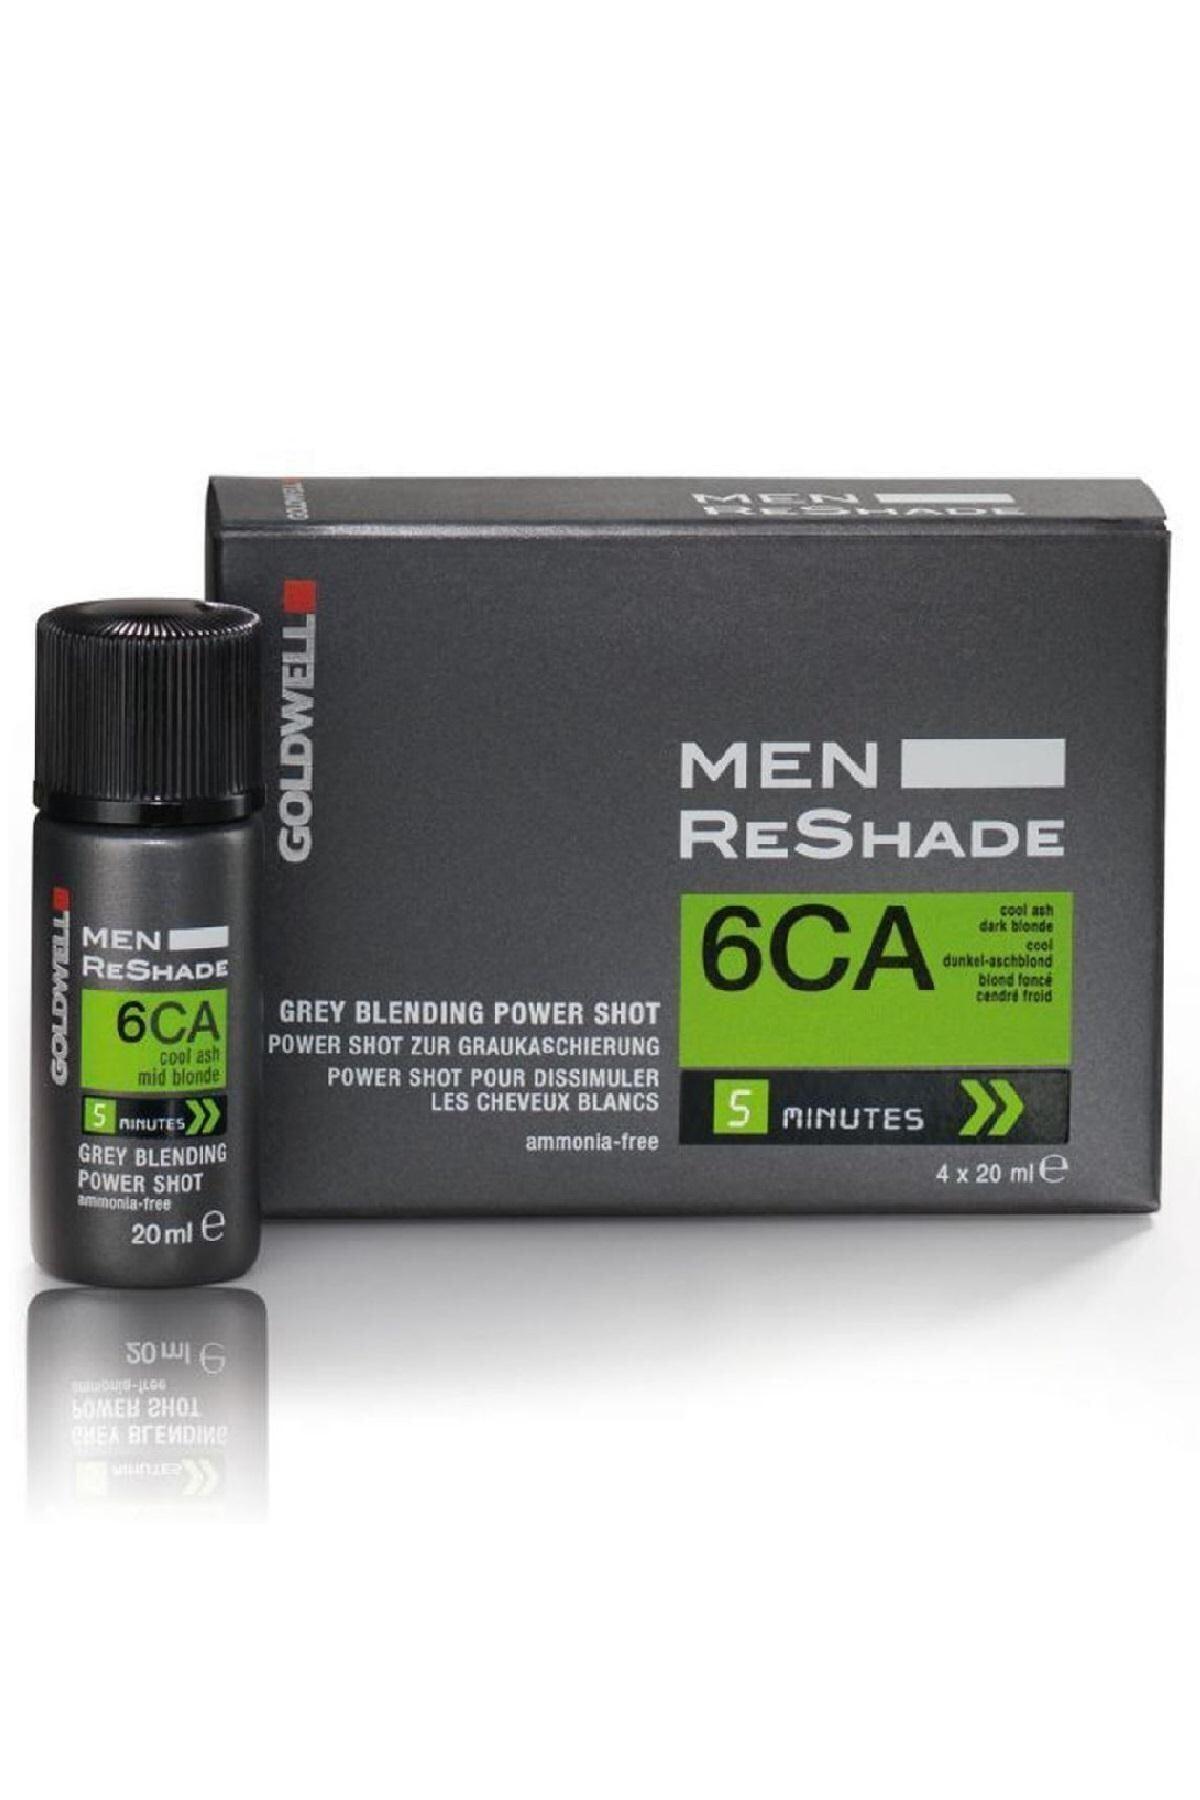 GOLDWELL 6ca Men Reshade Erkek Saç Boyası 4x20 ml 1